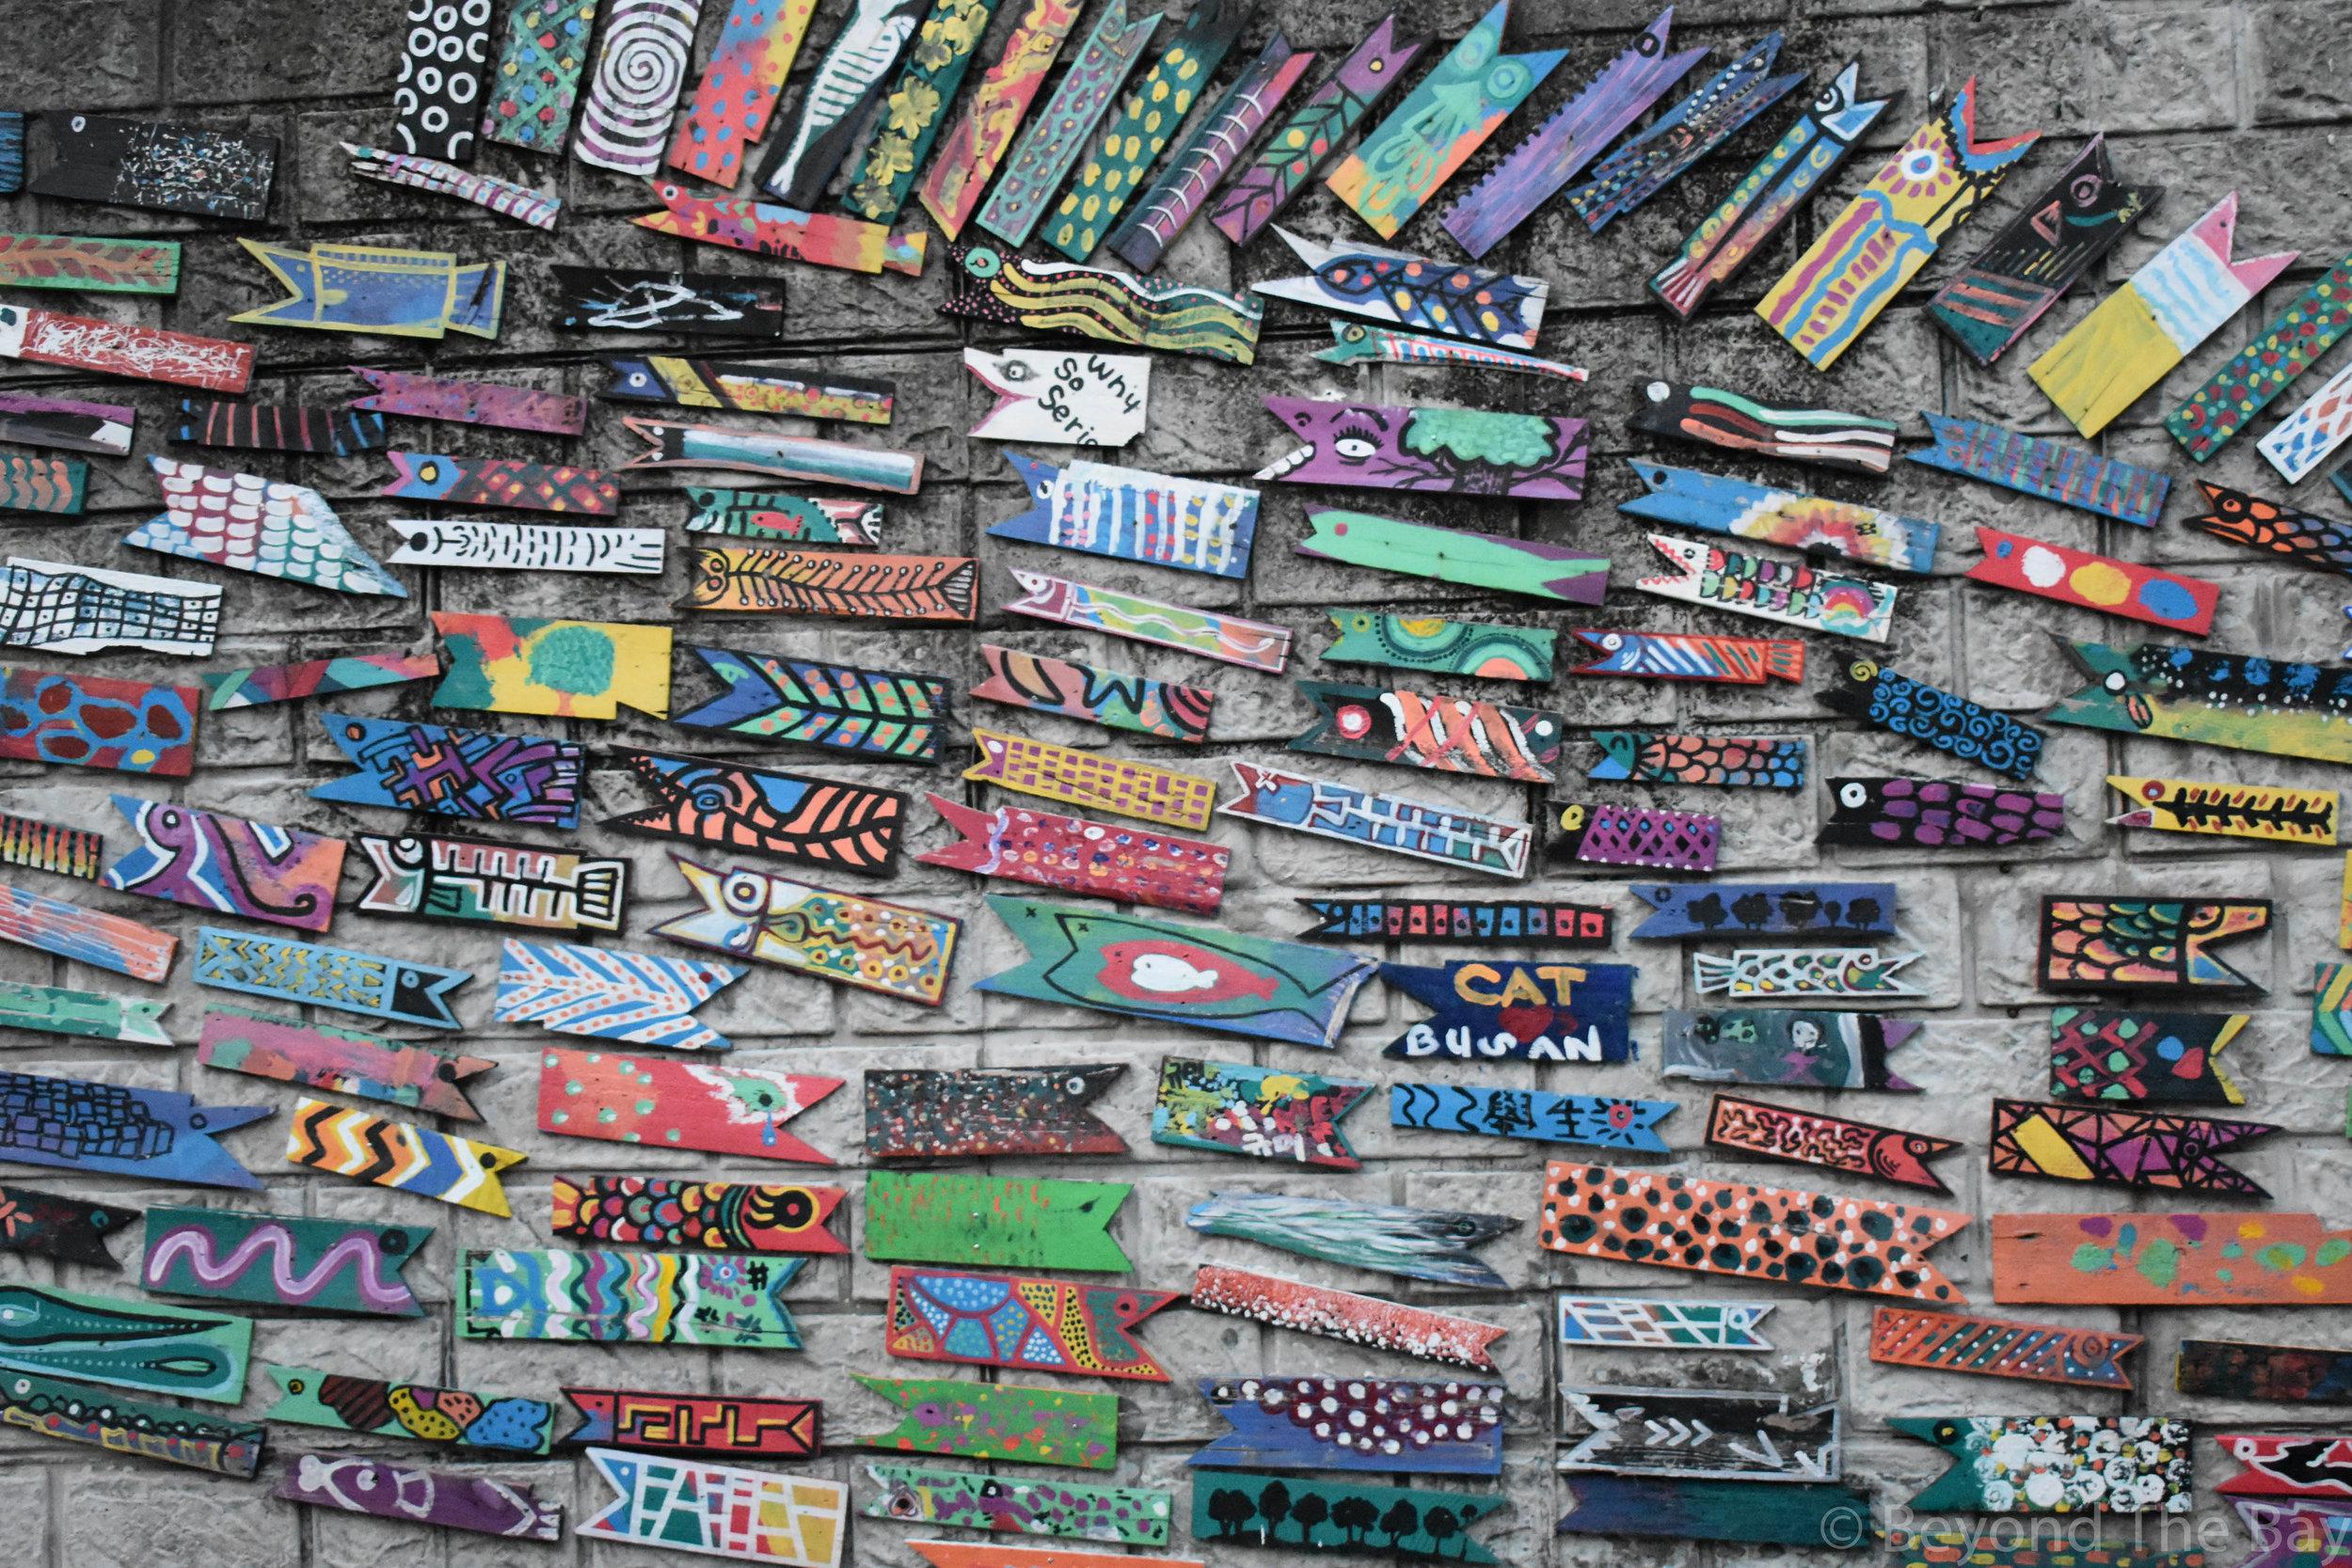 Artwork all around the Gamcheon cultural village